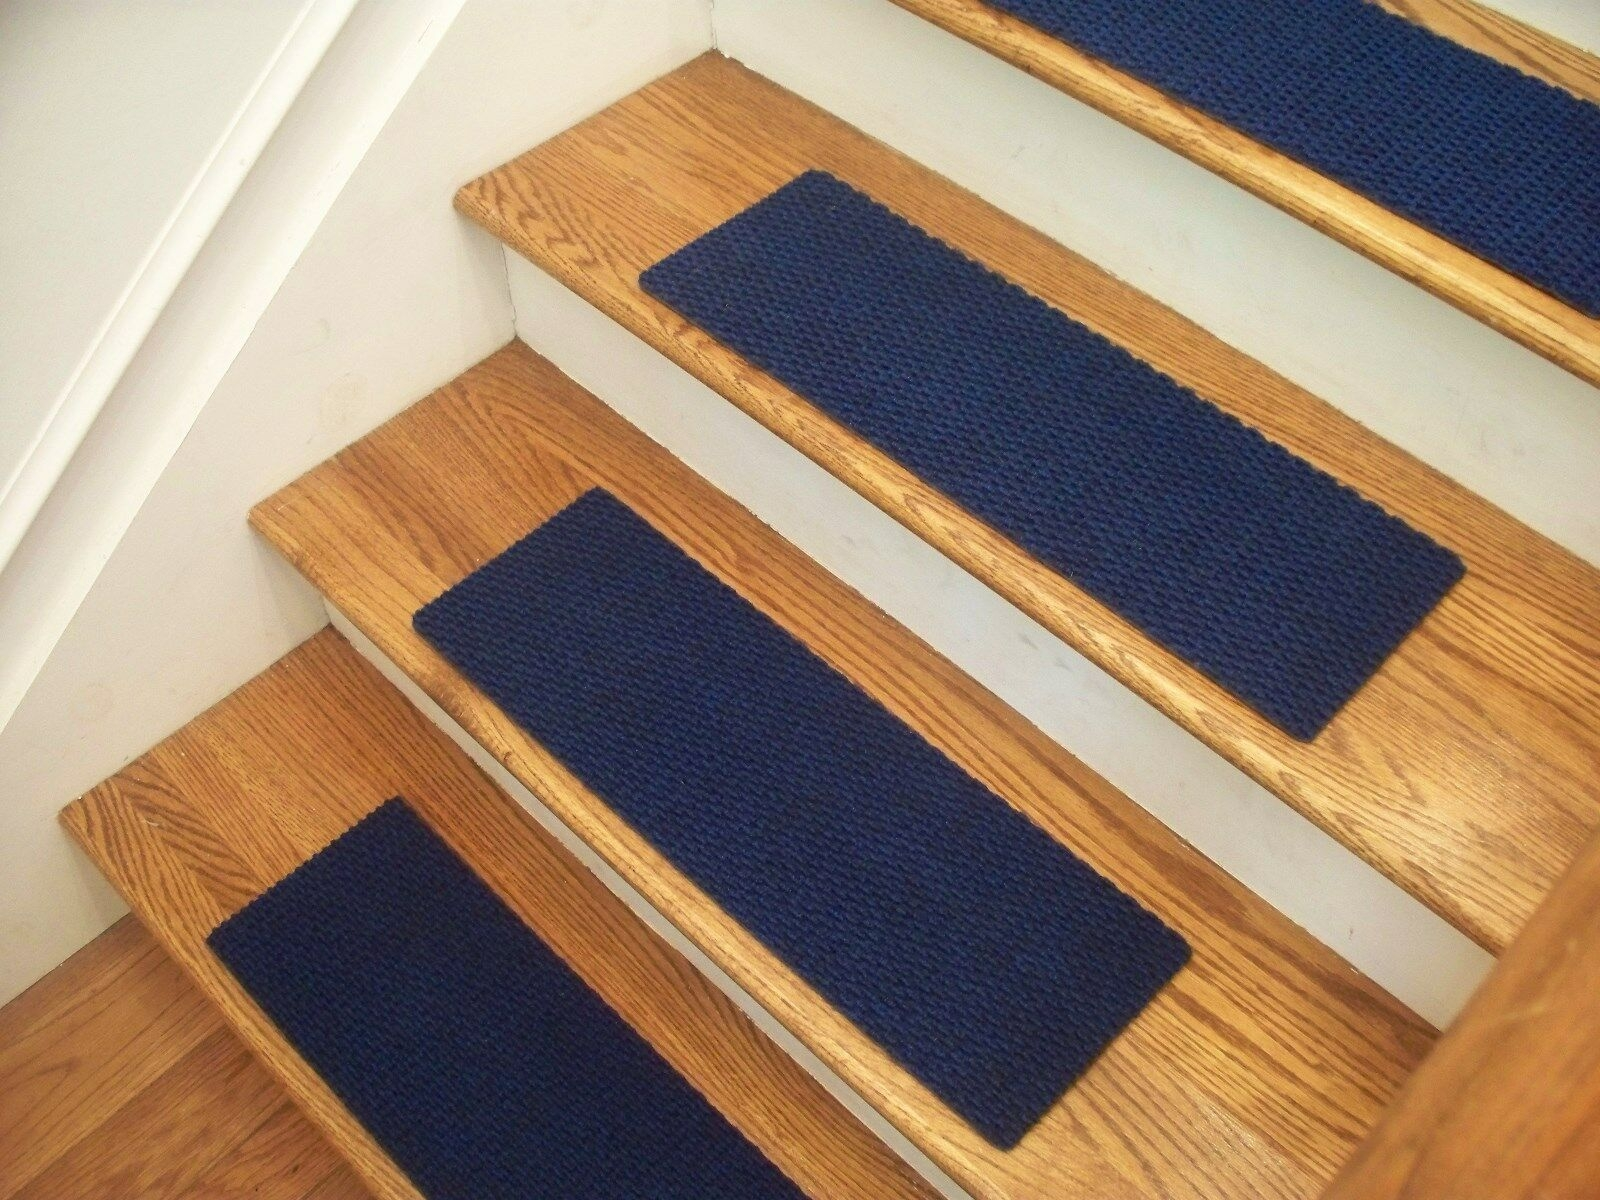 Dean Premium Carpet Stair Treads Peach Scrollwork 13 For Sale | Dean Premium Carpet Stair Treads | Keshan Chocolate | Classic Keshan | Gripper Tape | Friendly Diy | Nylon Carpet